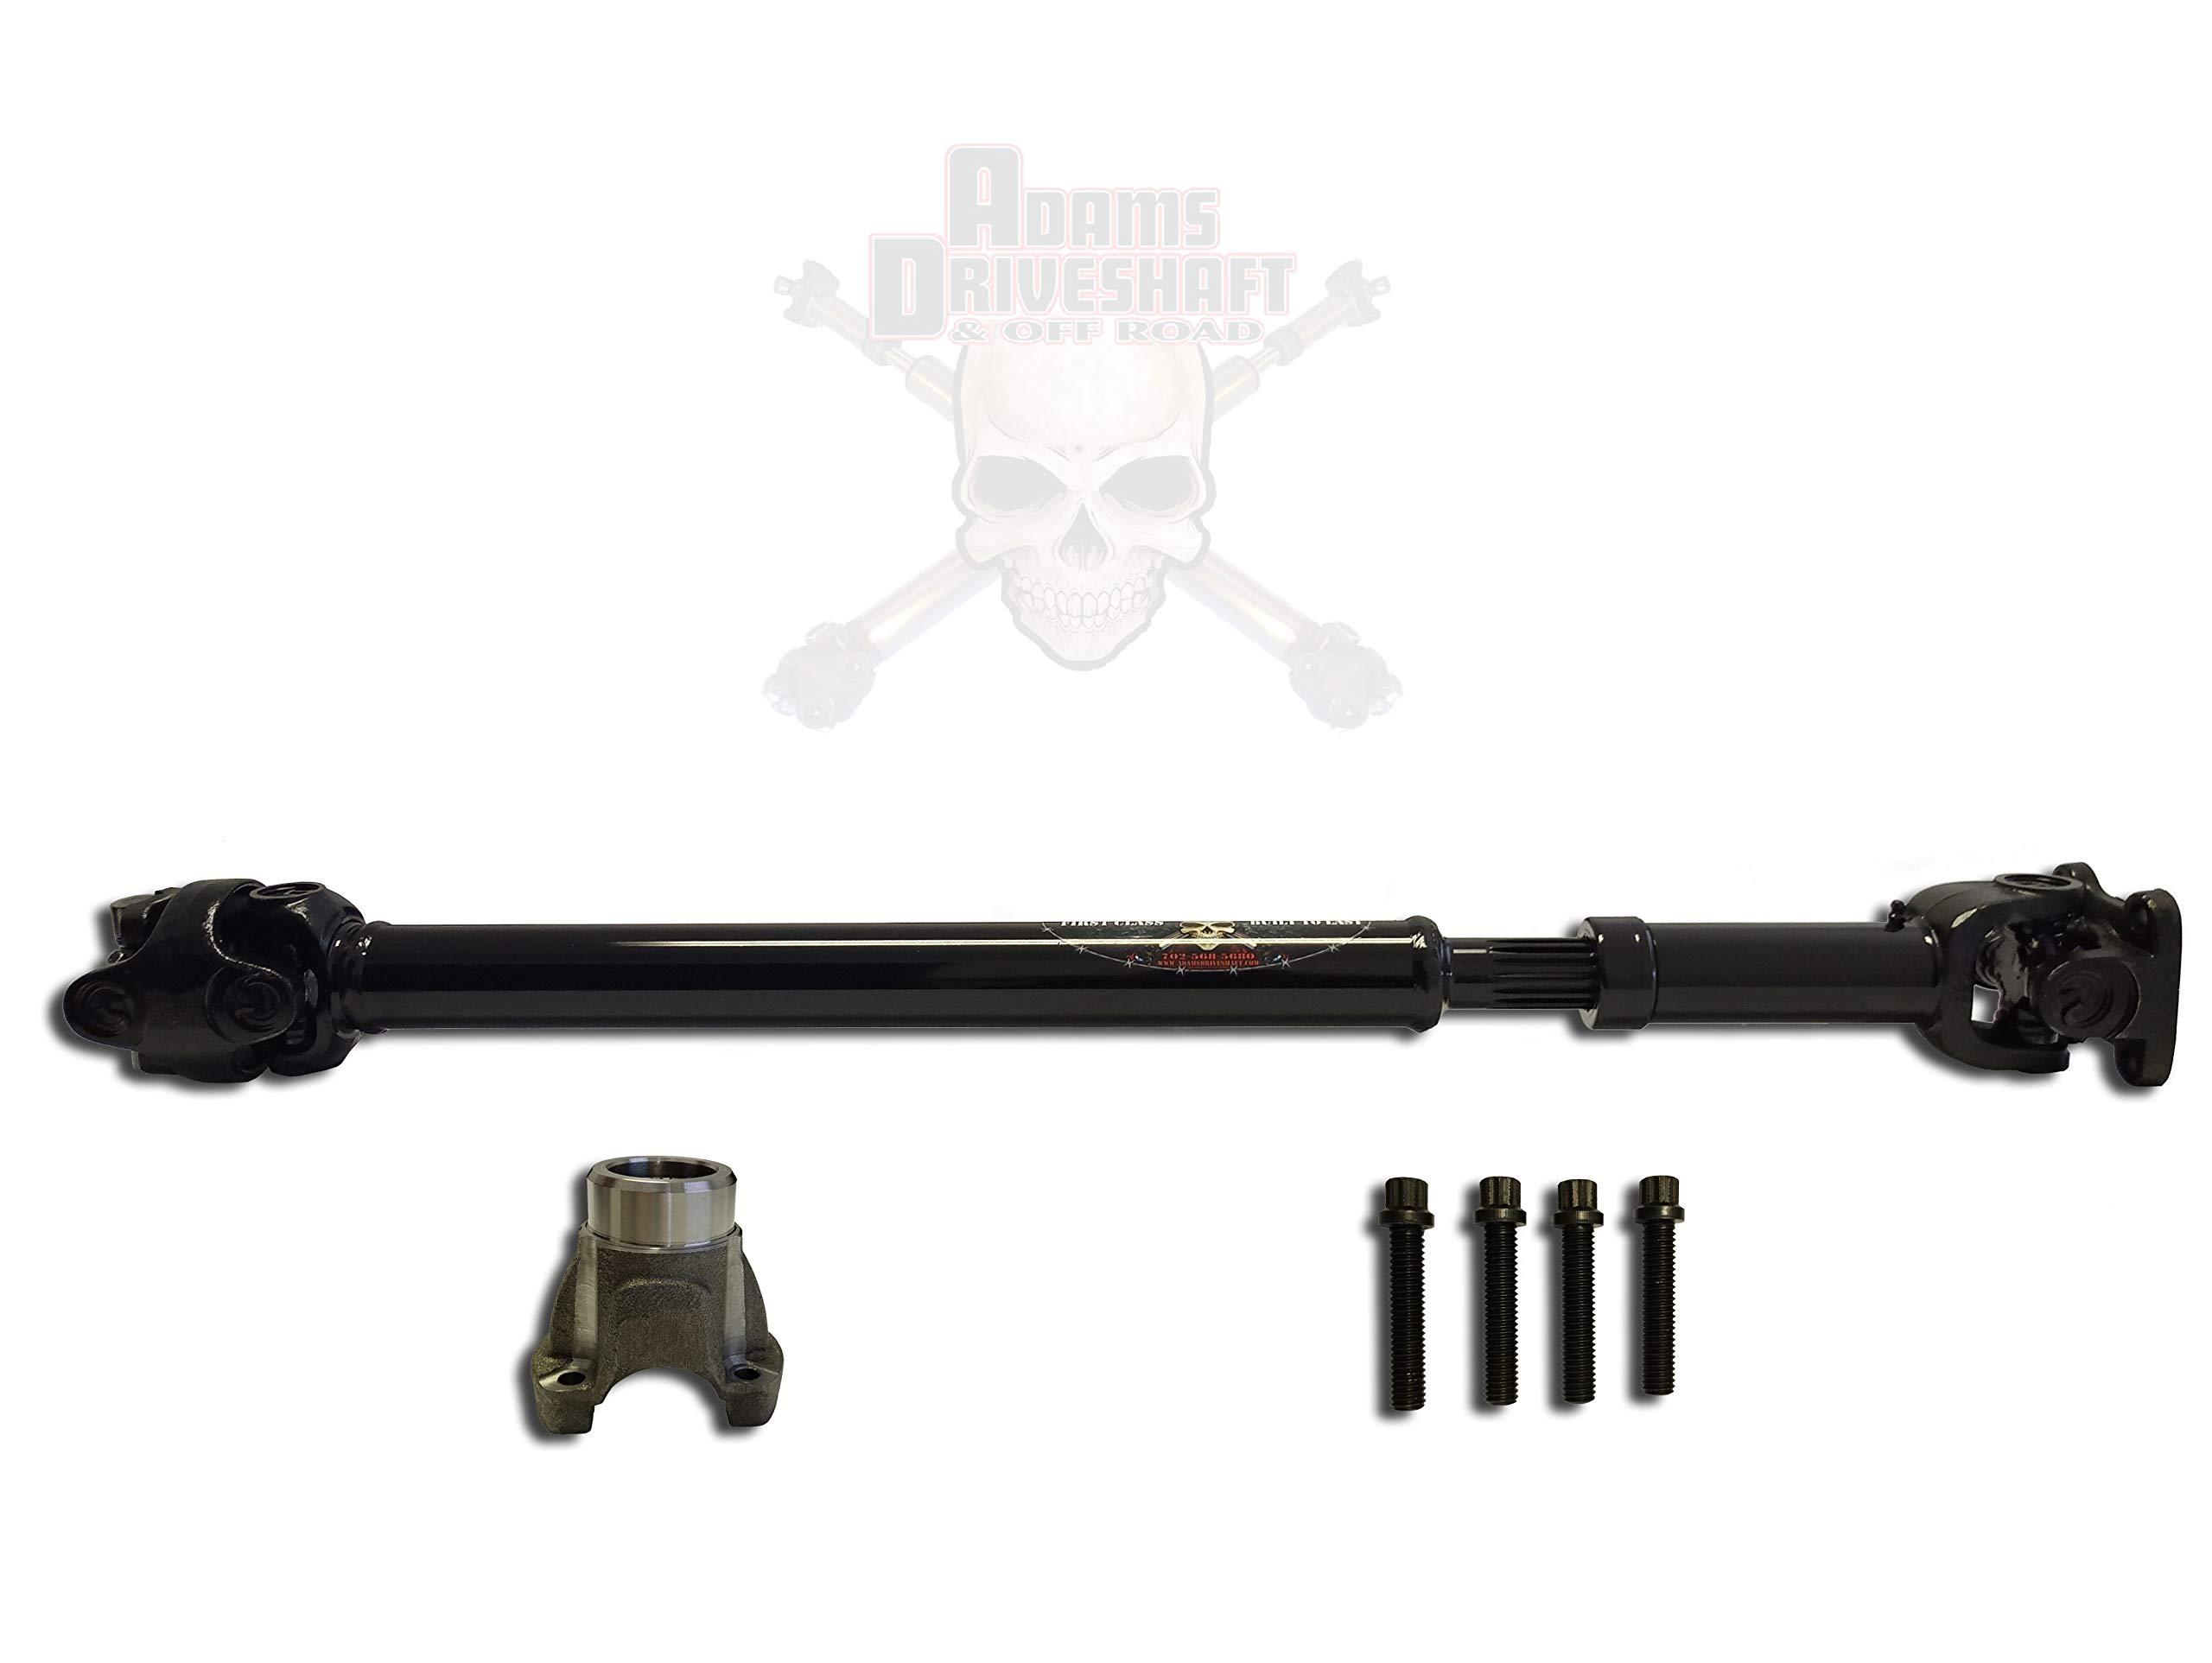 JK Wrangler Front 1310 CV Driveshaft [Greasable U-Joints]